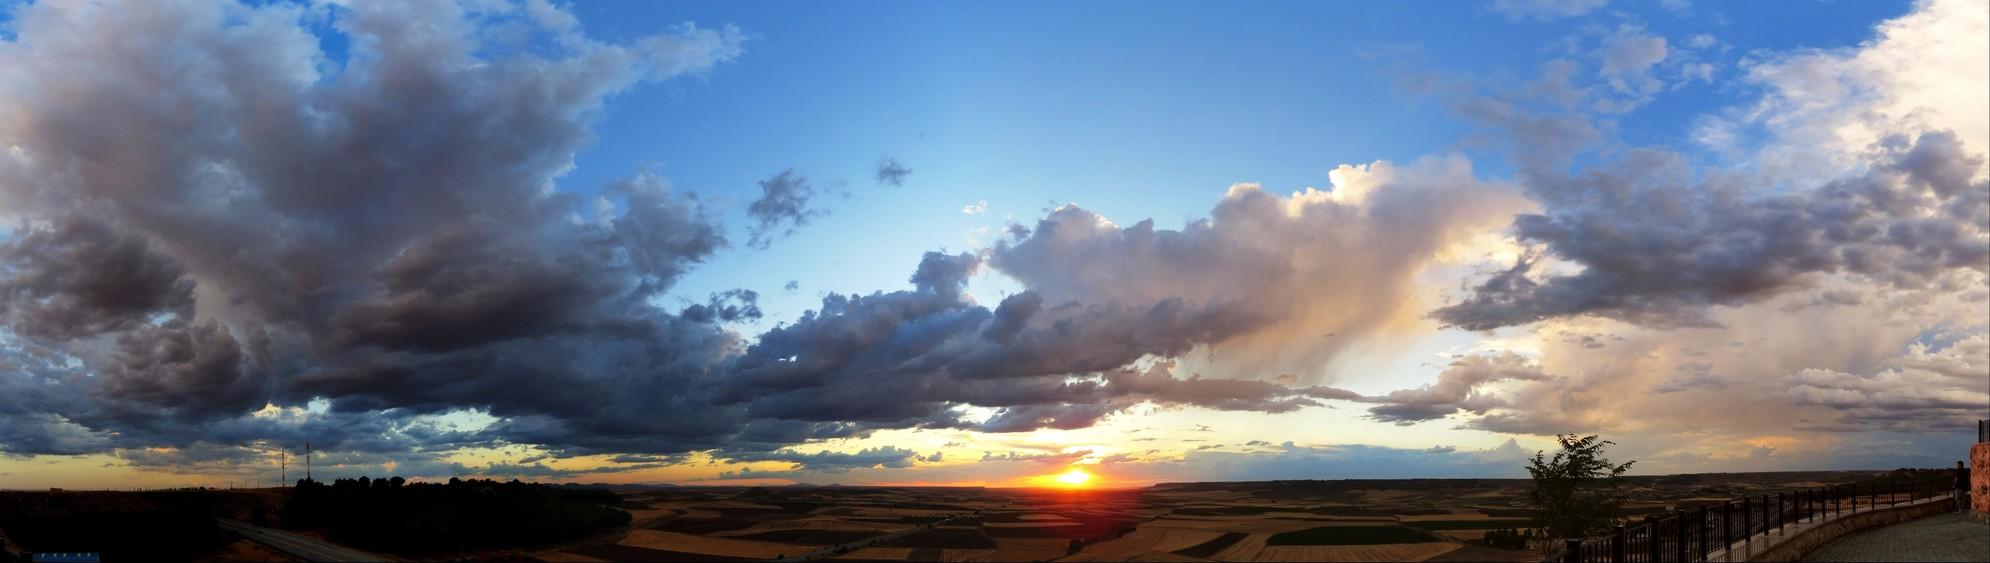 Panorámica de puesta de sol en La Guardia (Toledo)